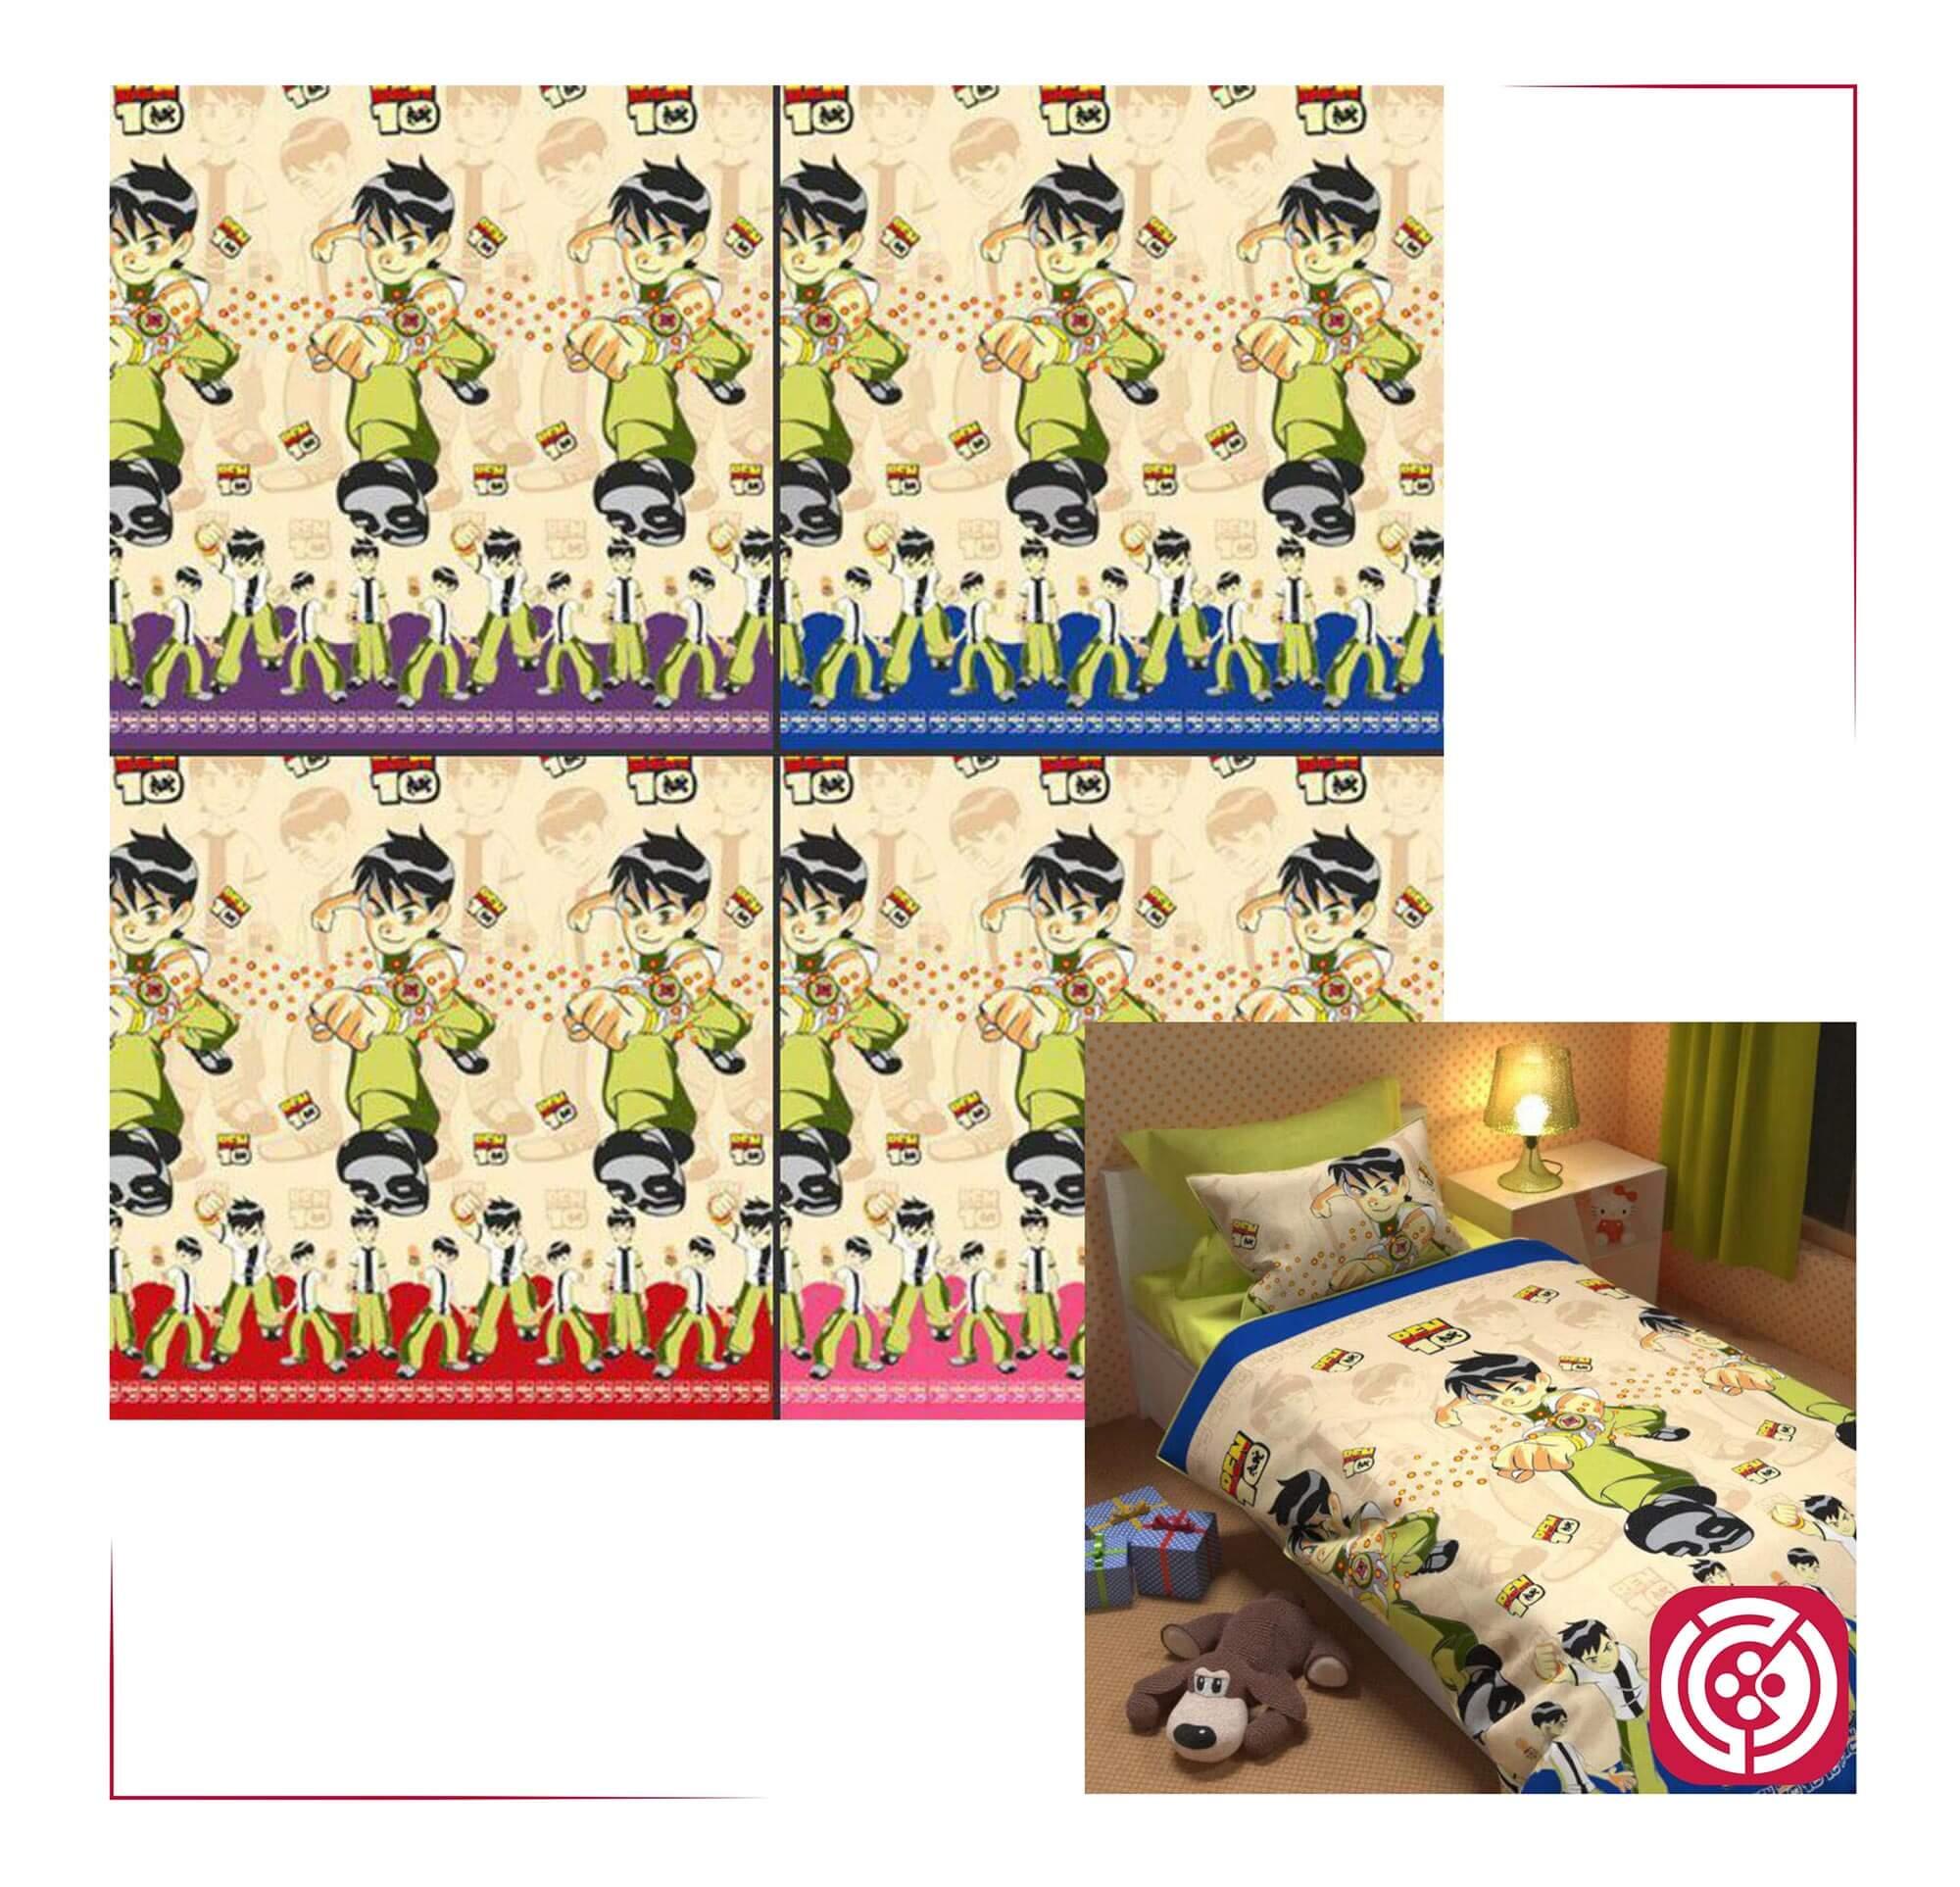 مانتو پارچه دیور روچی - پارچه ملحفه نساجی طوبی